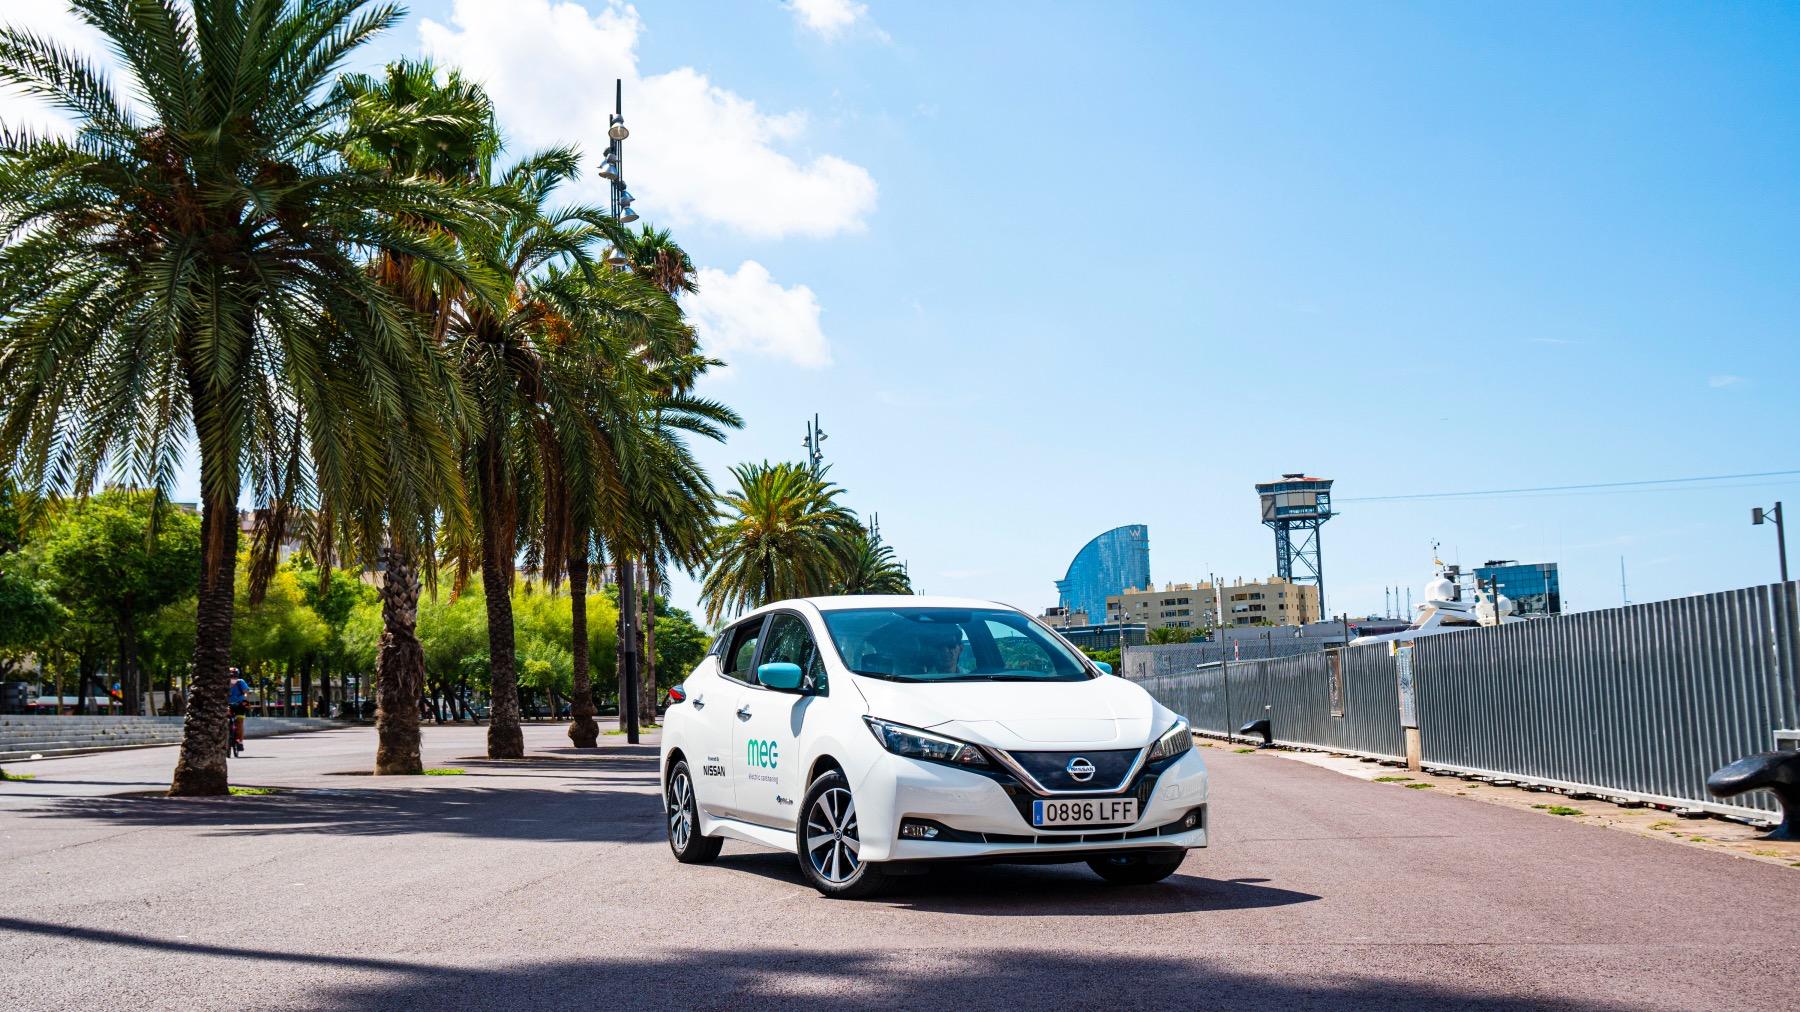 Nissan Leaf / Car Sharing